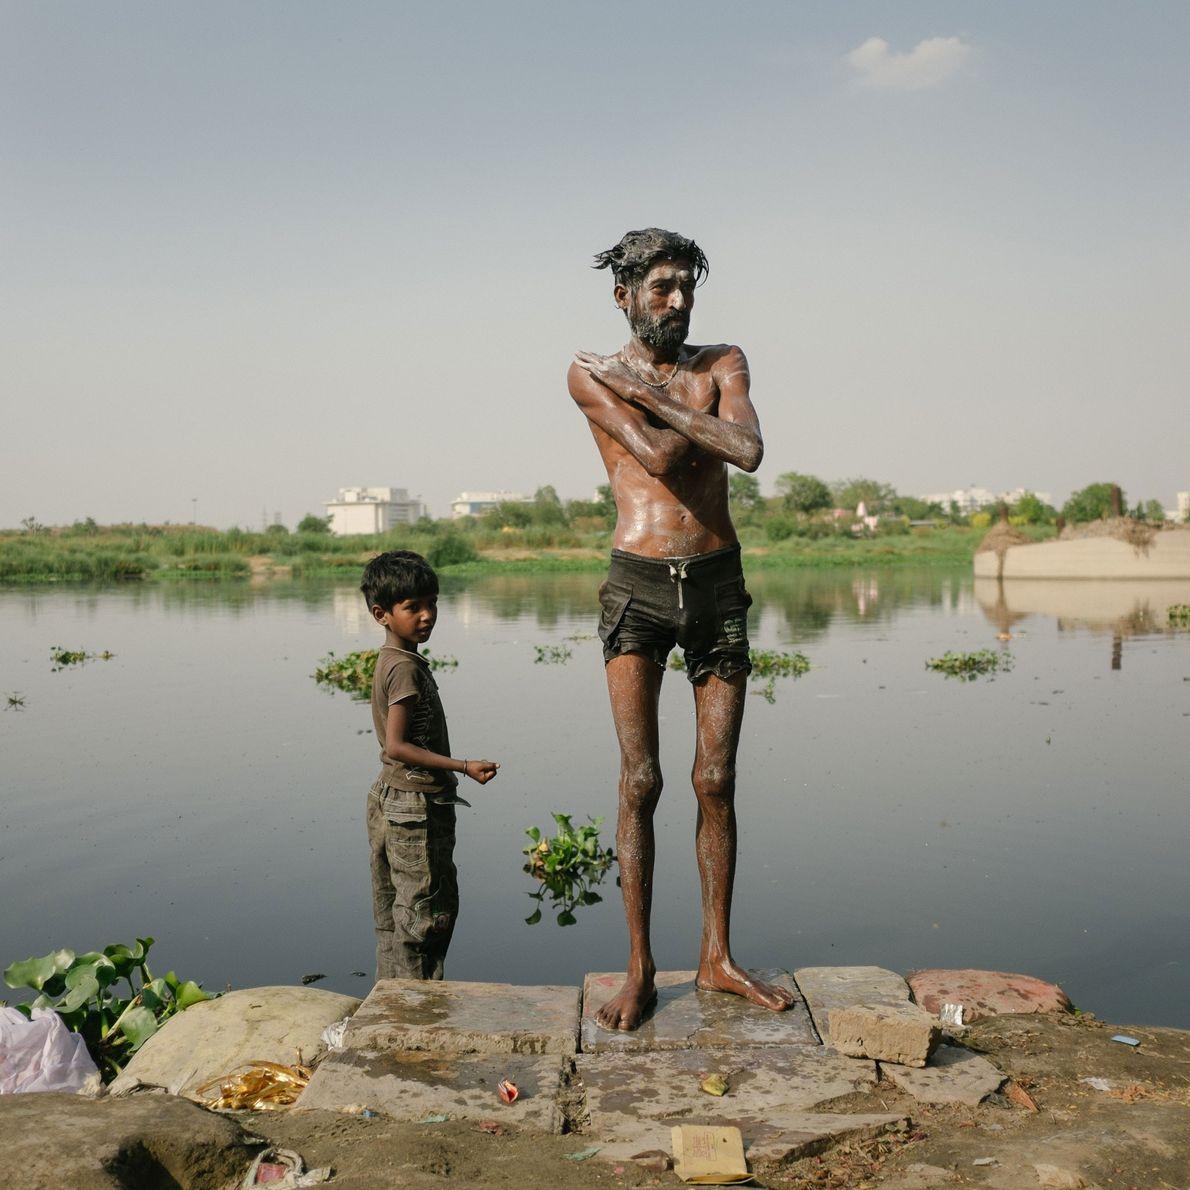 banho em rio poluído indiano